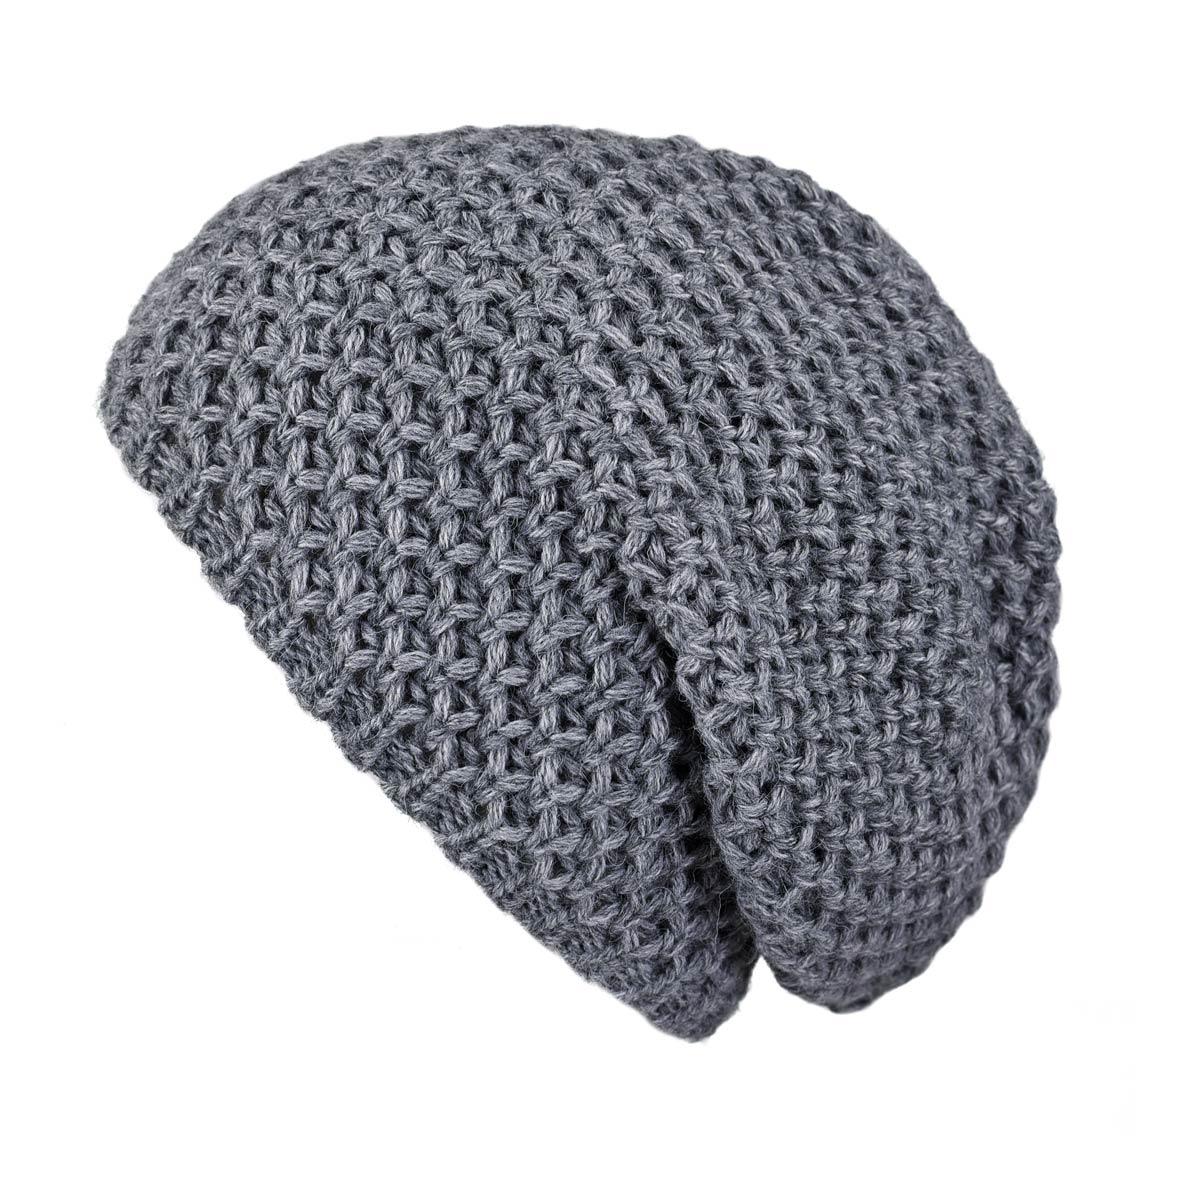 CP-01564_F12-1--_Bonnet-chaud-femme-gris